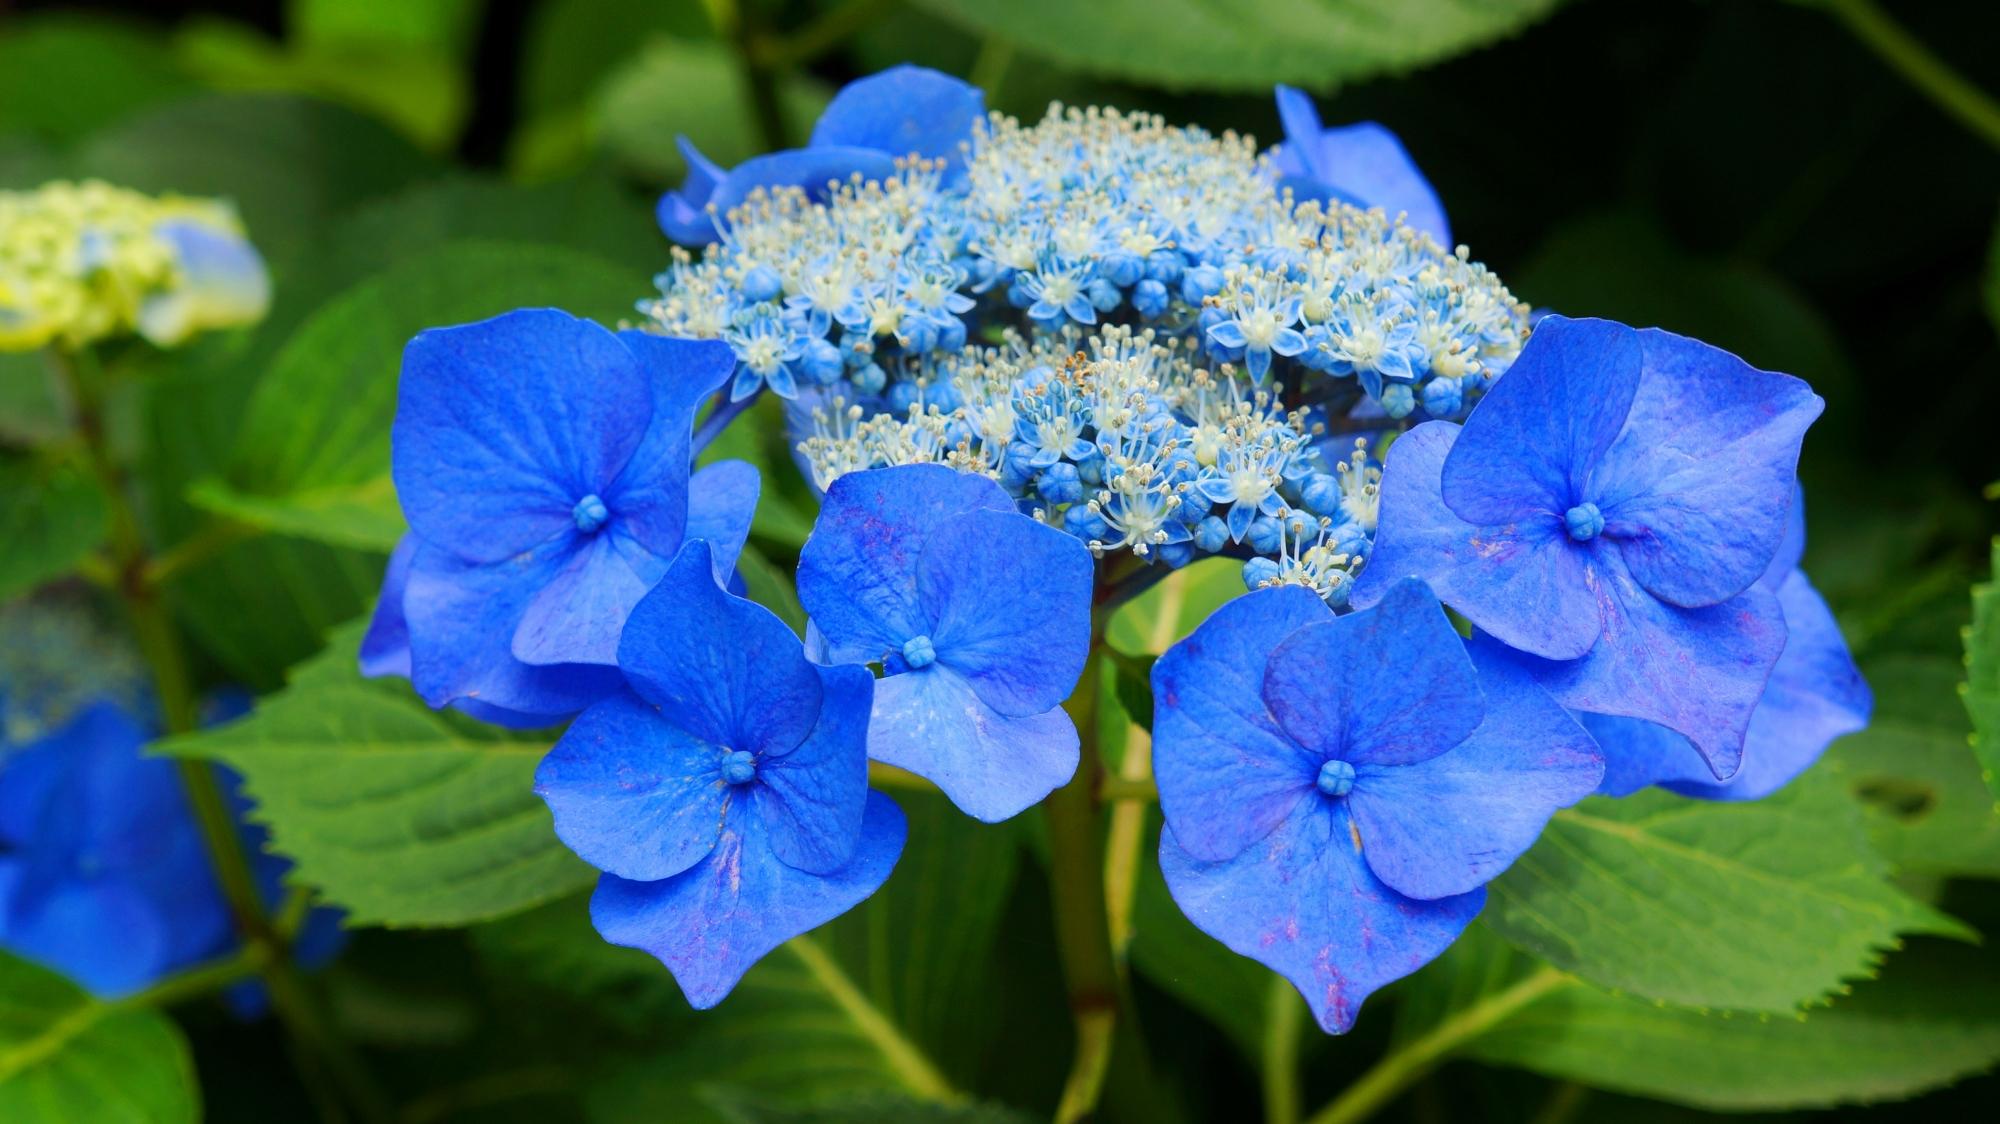 善峯寺の鮮やかな青い額紫陽花(ガクアジサイ)